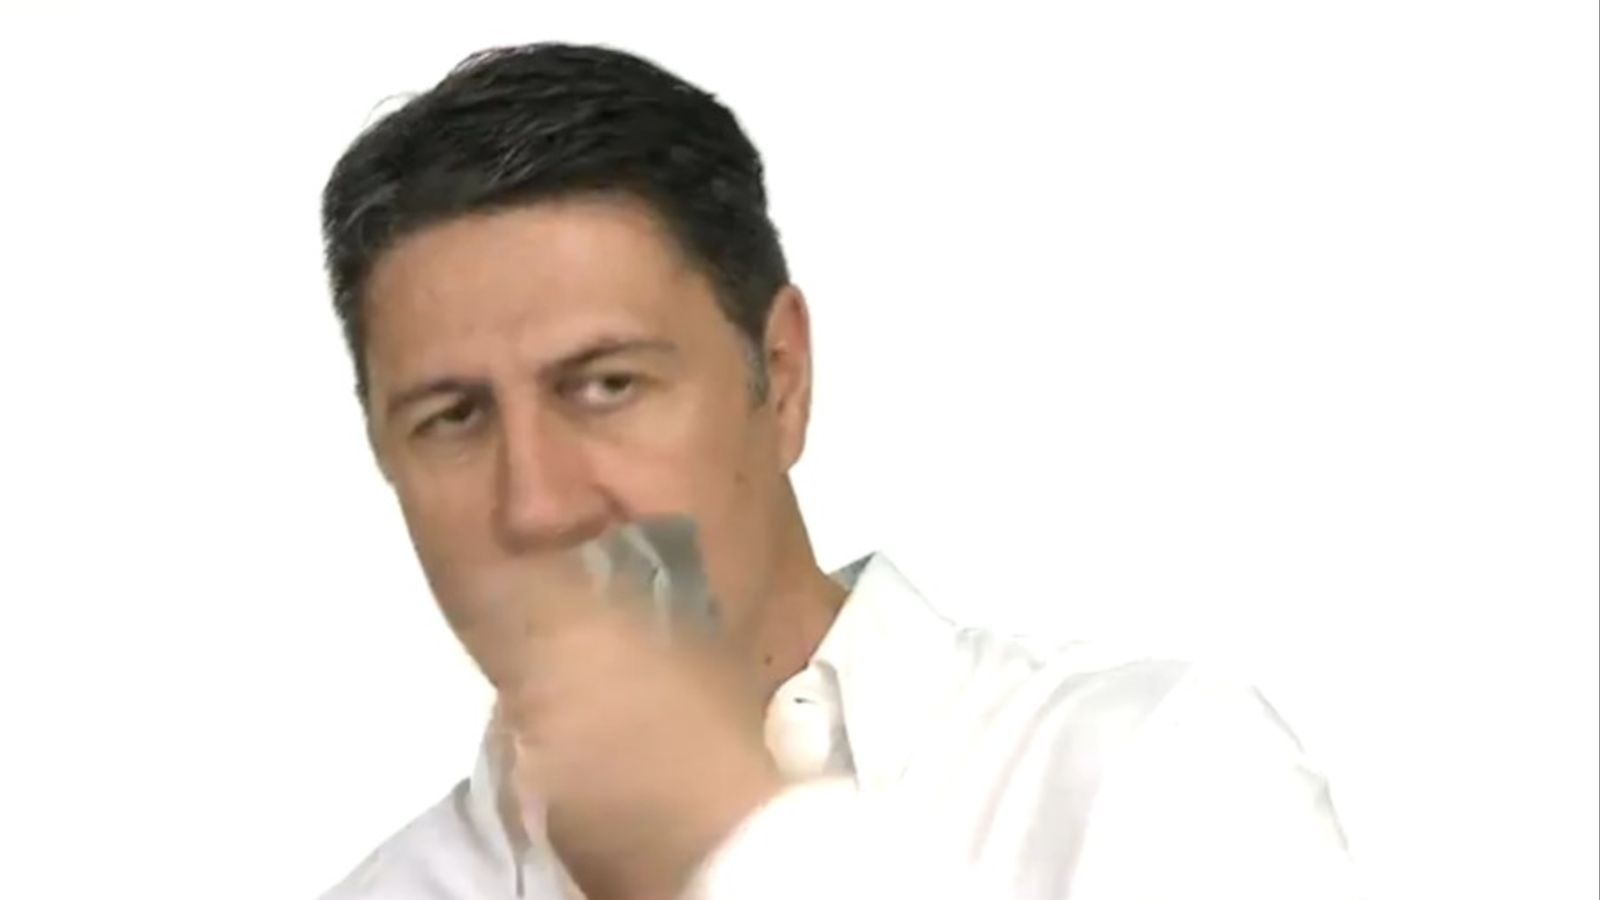 'Hablando claro': mà dura i mà dura, vídeo electoral del PP a Badalona